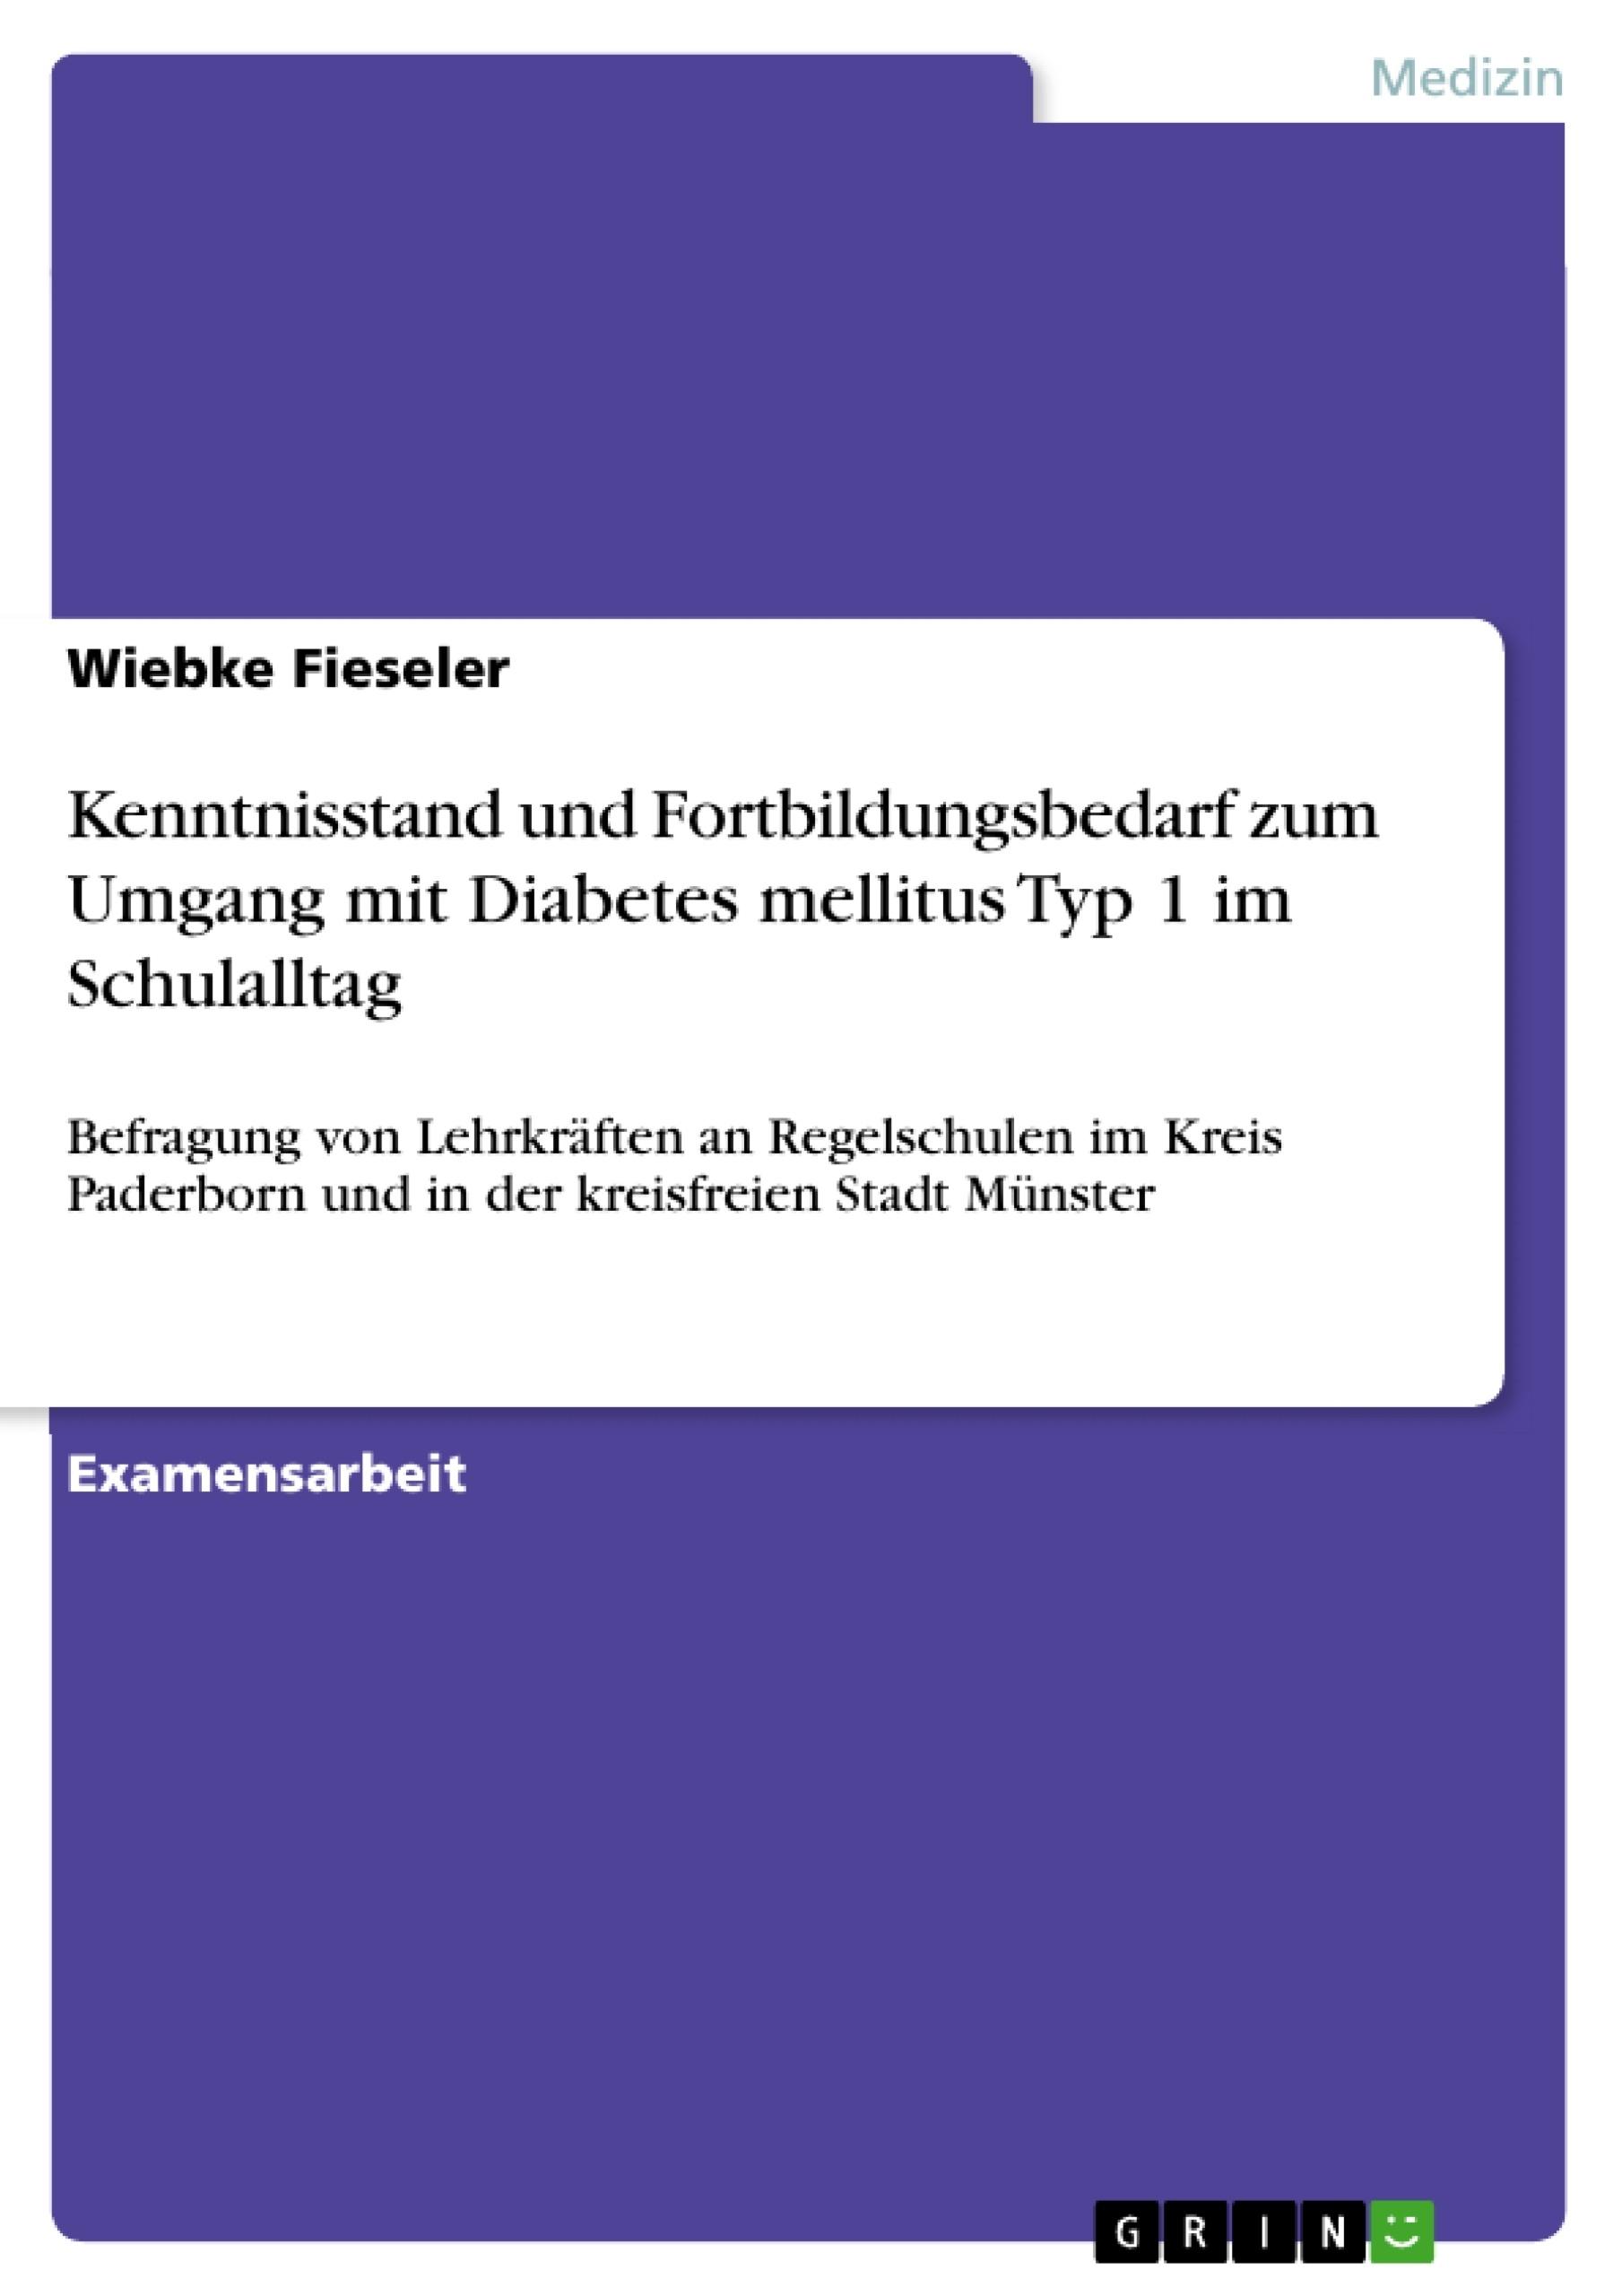 Titel: Kenntnisstand und Fortbildungsbedarf zum Umgang mit Diabetes mellitus Typ 1 im Schulalltag